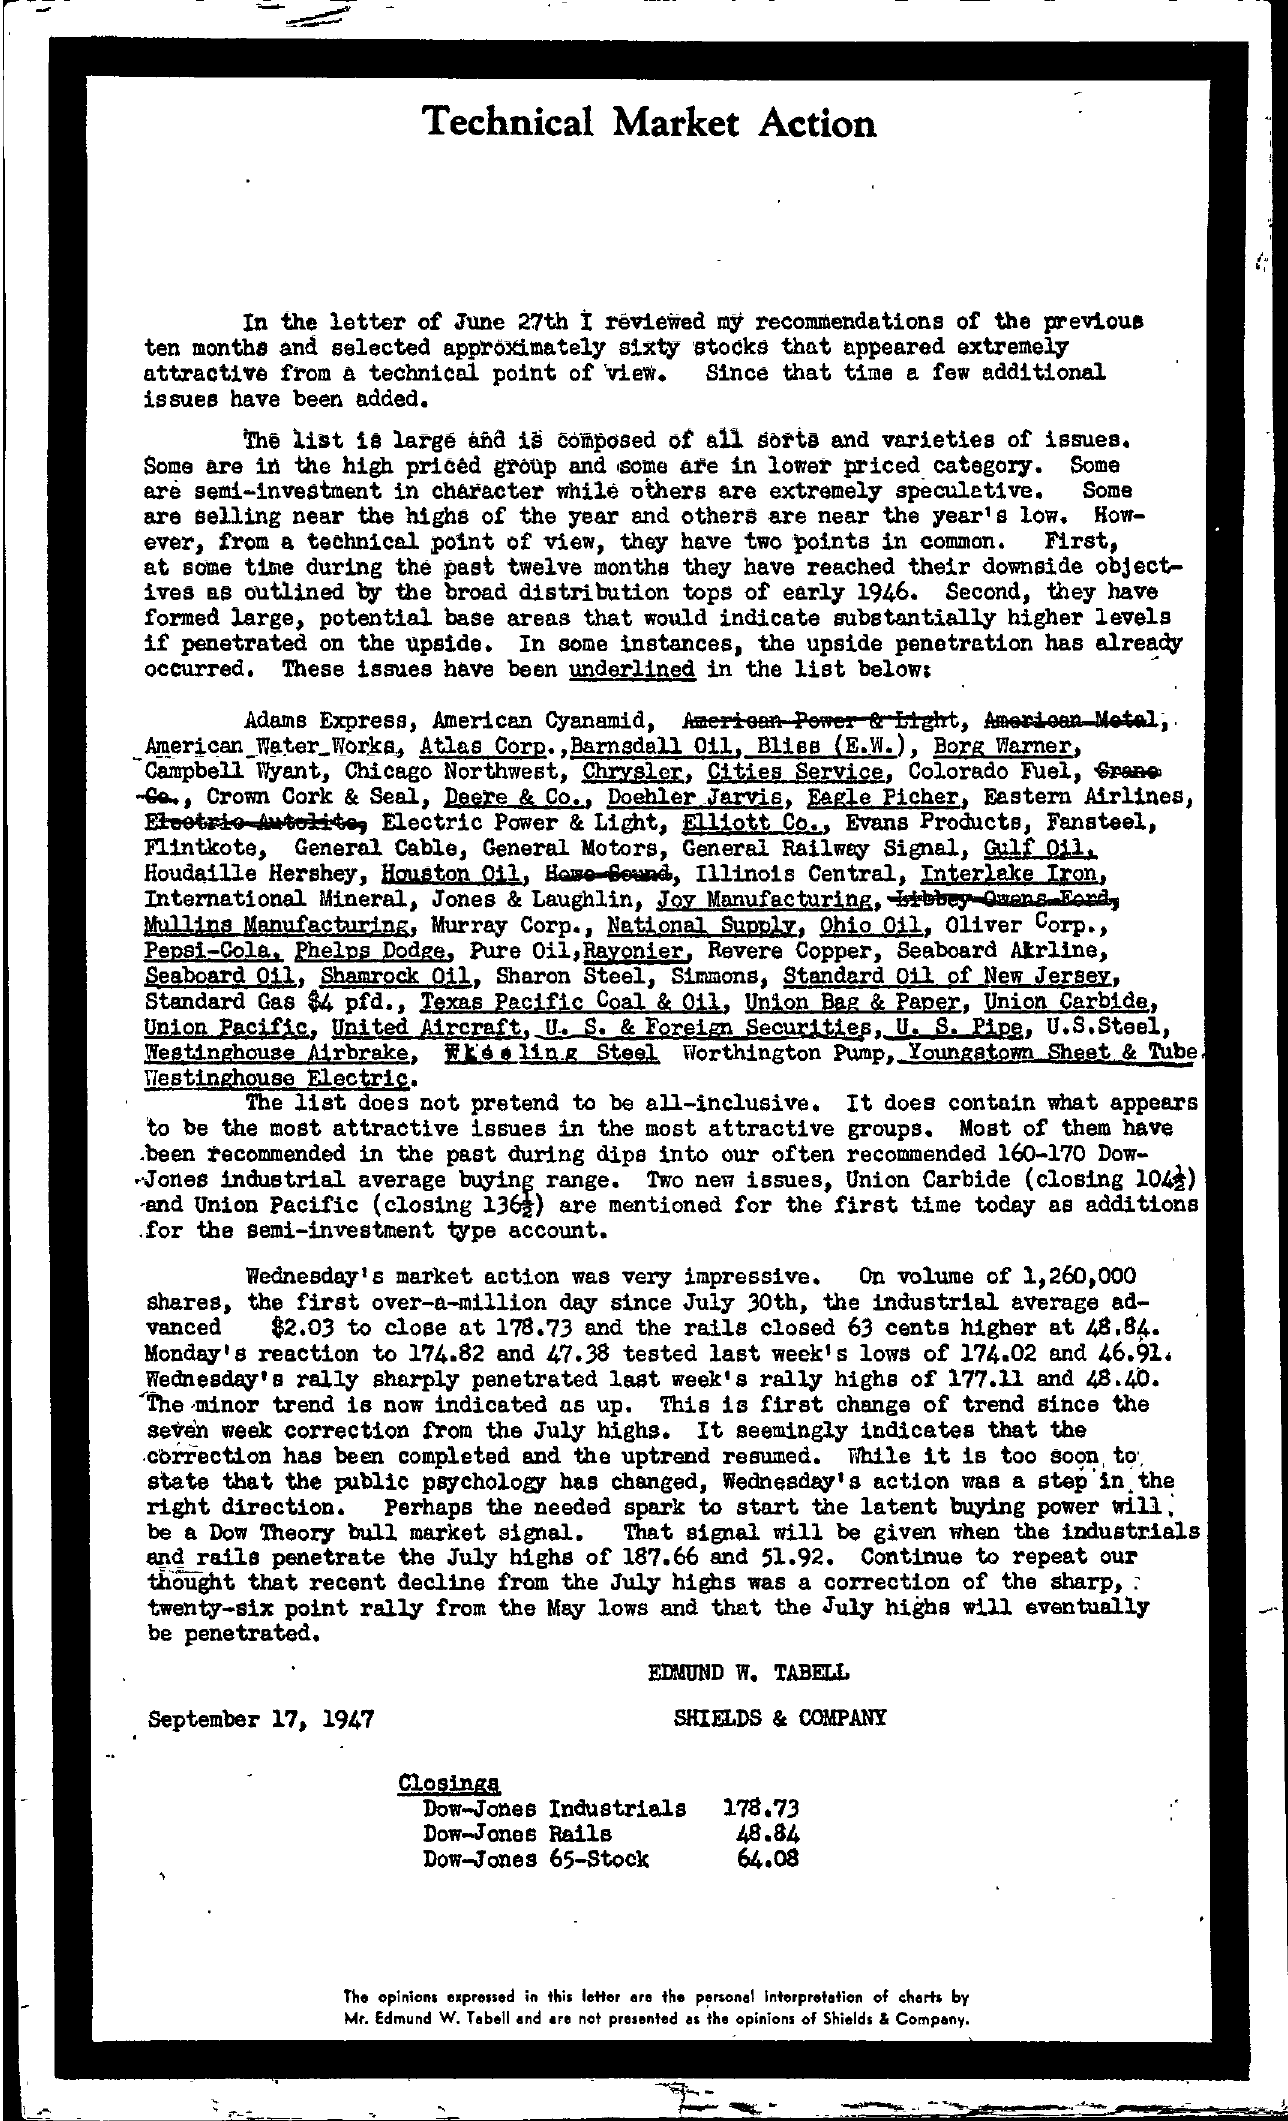 Tabell's Market Letter - September 17, 1947